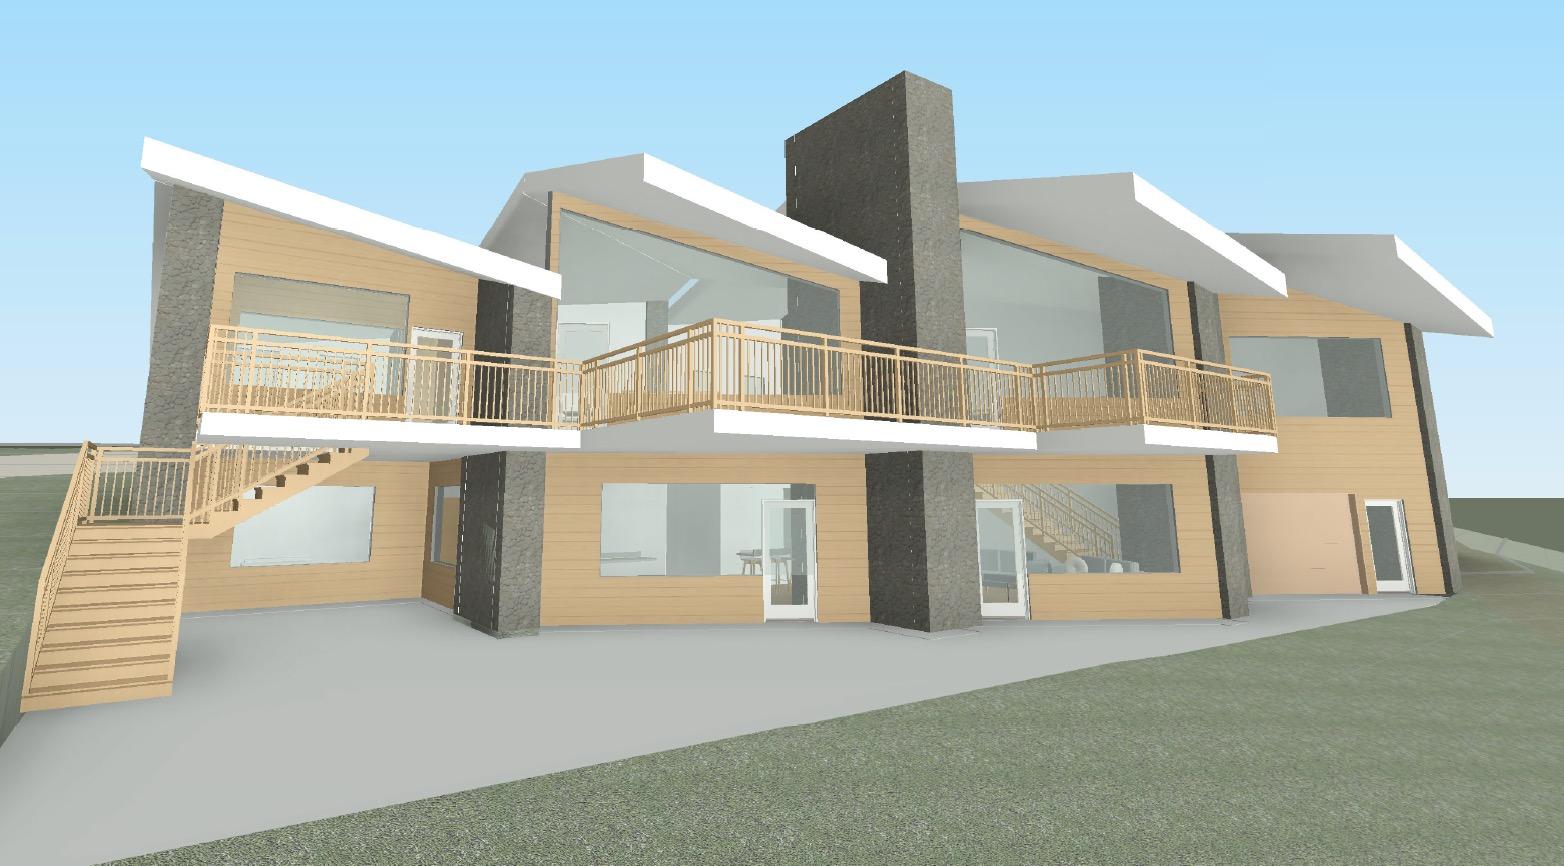 Mountain-house-exterior-design-concept.JPG